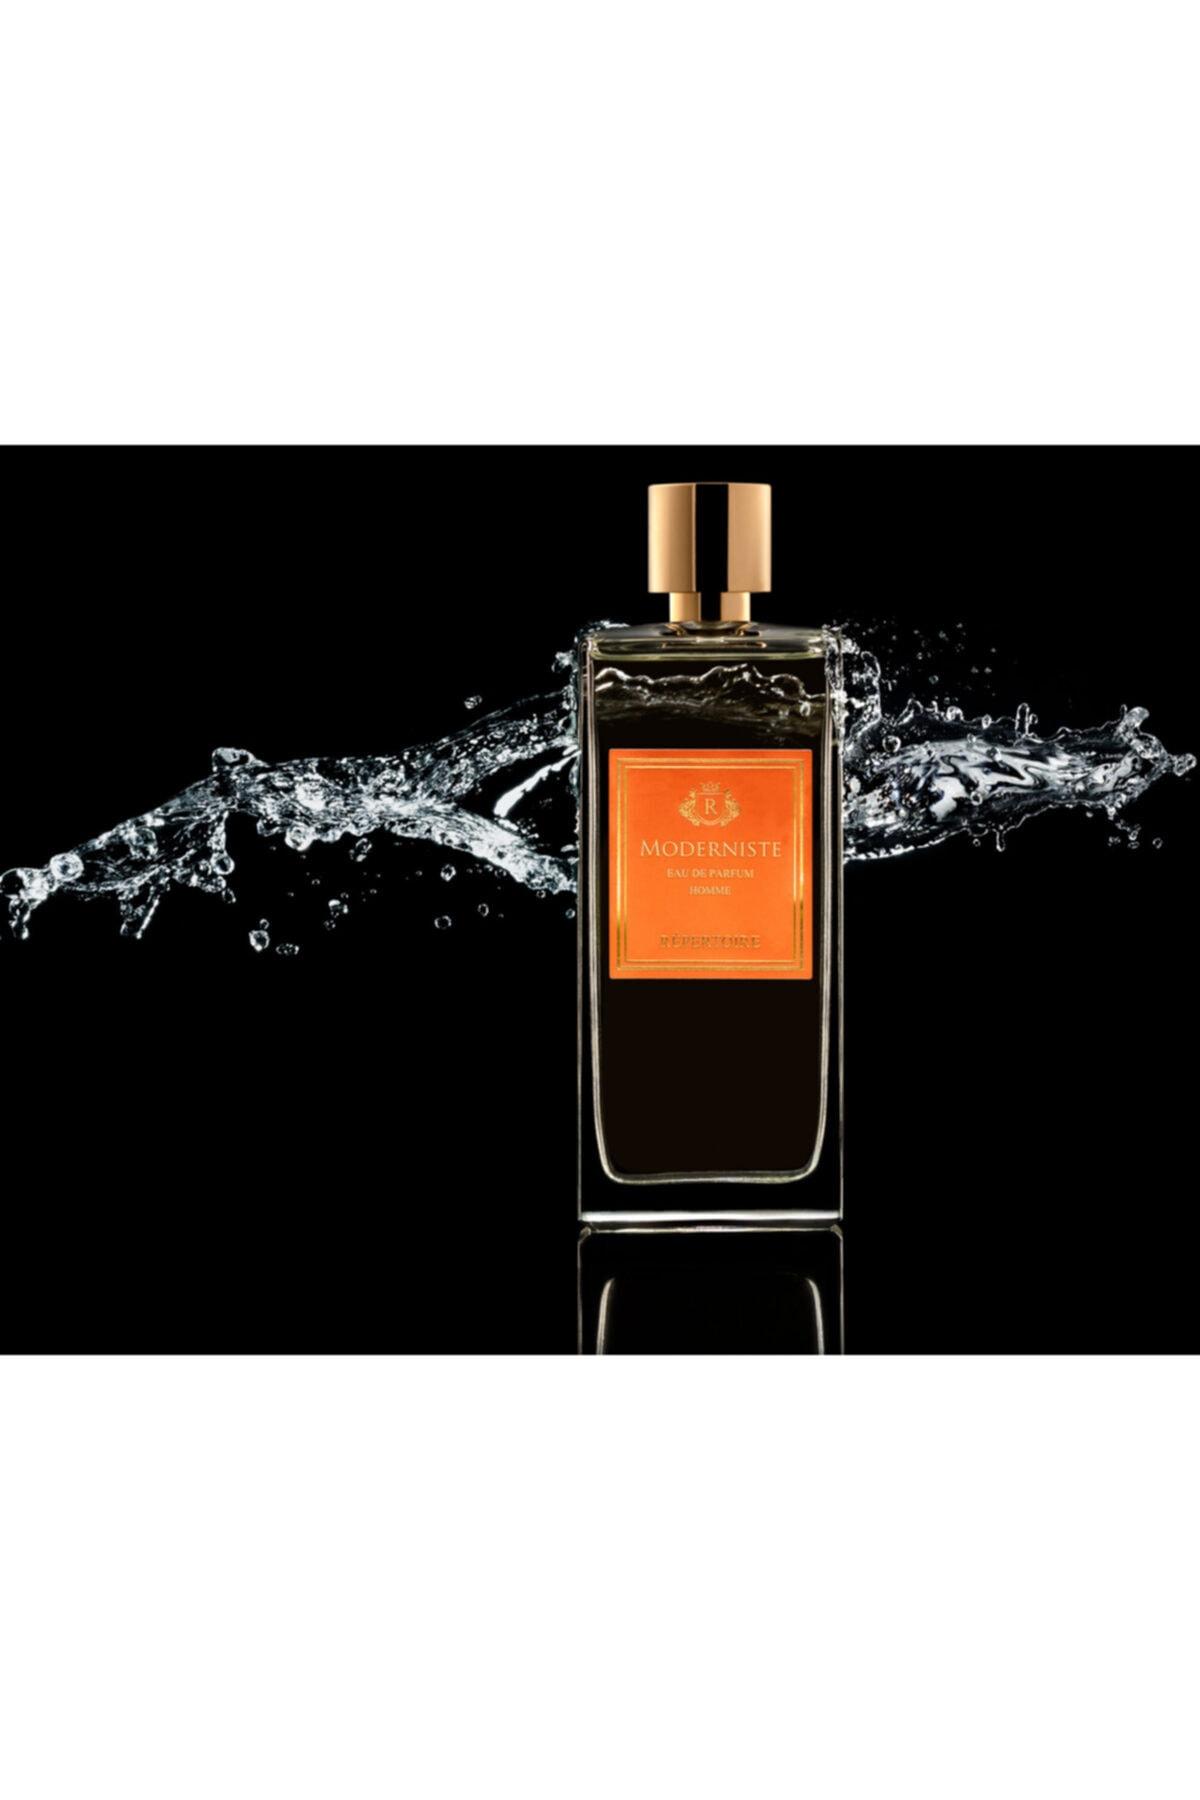 Madame Coco Répertoıre Erkek Eau De Parfum 100 Ml Moderniste 2